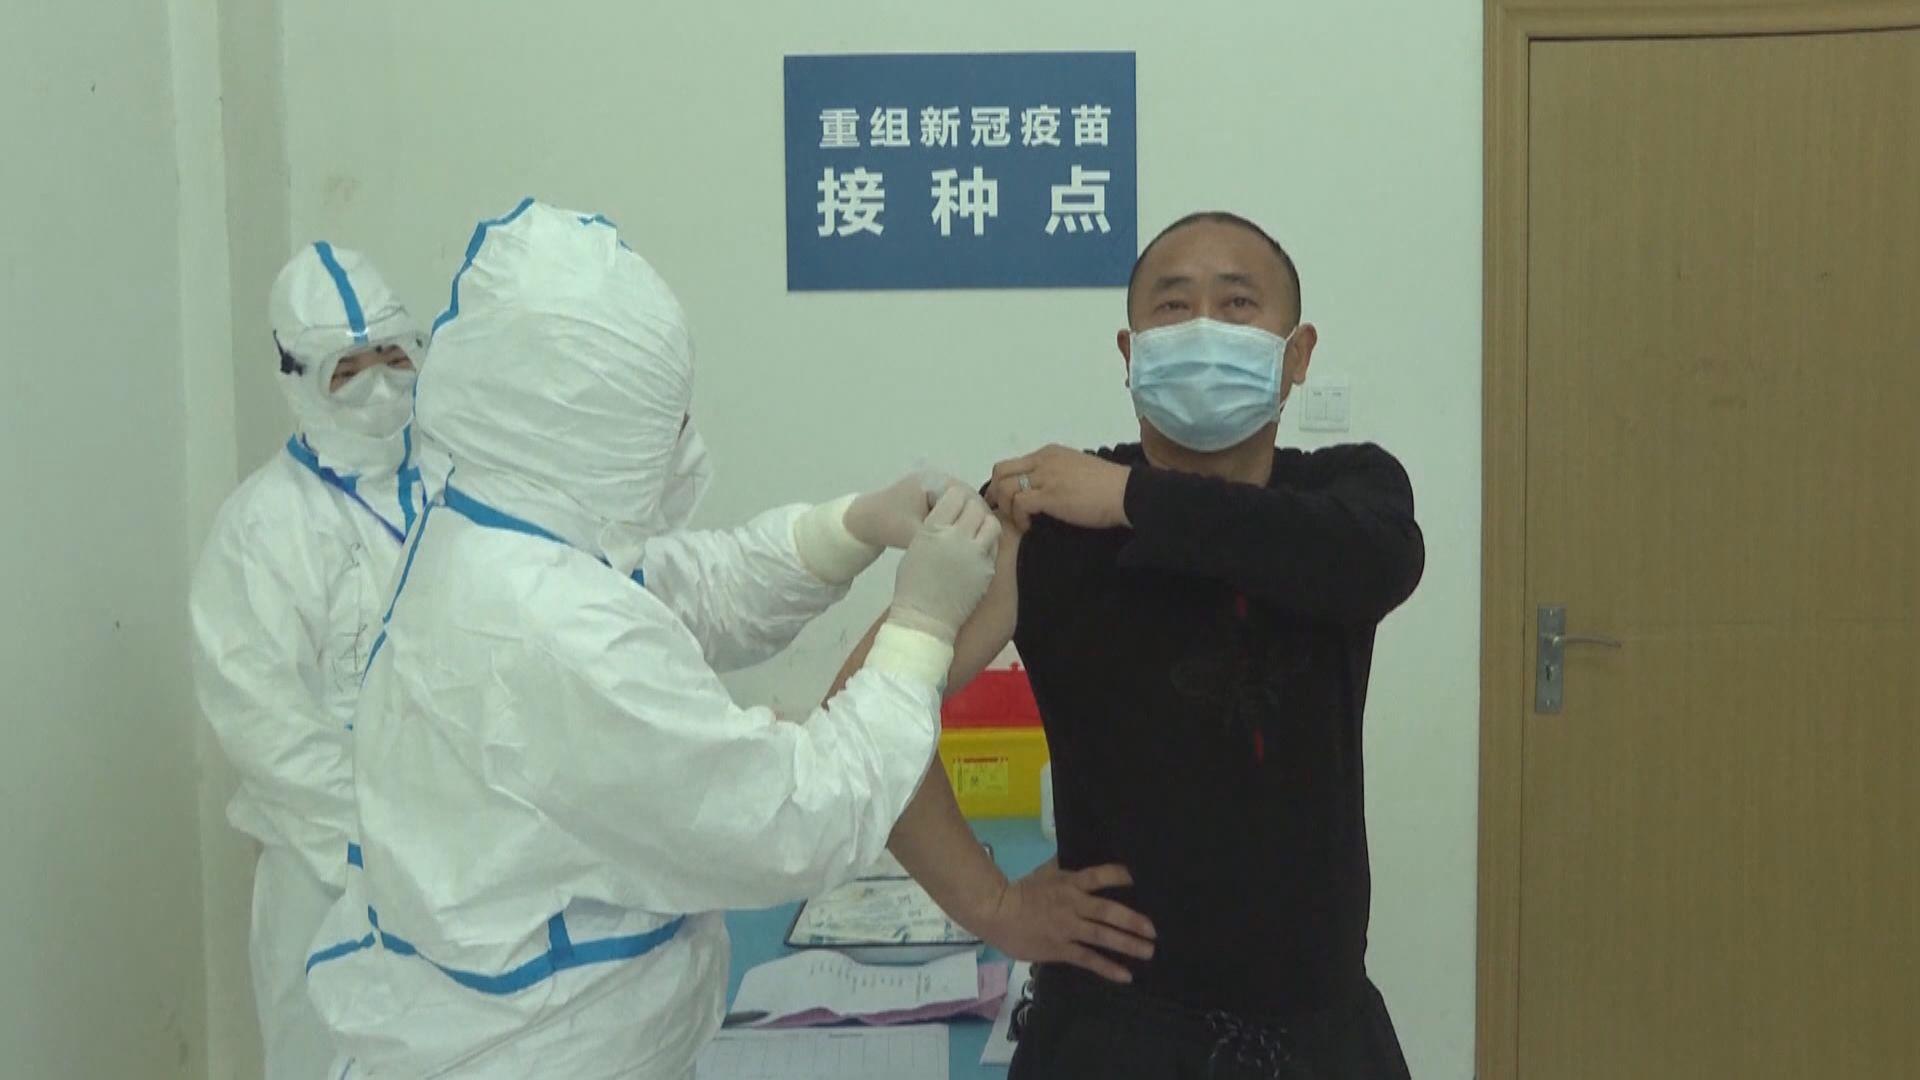 內地專家預計中國新冠疫苗最快11月可廣泛應用